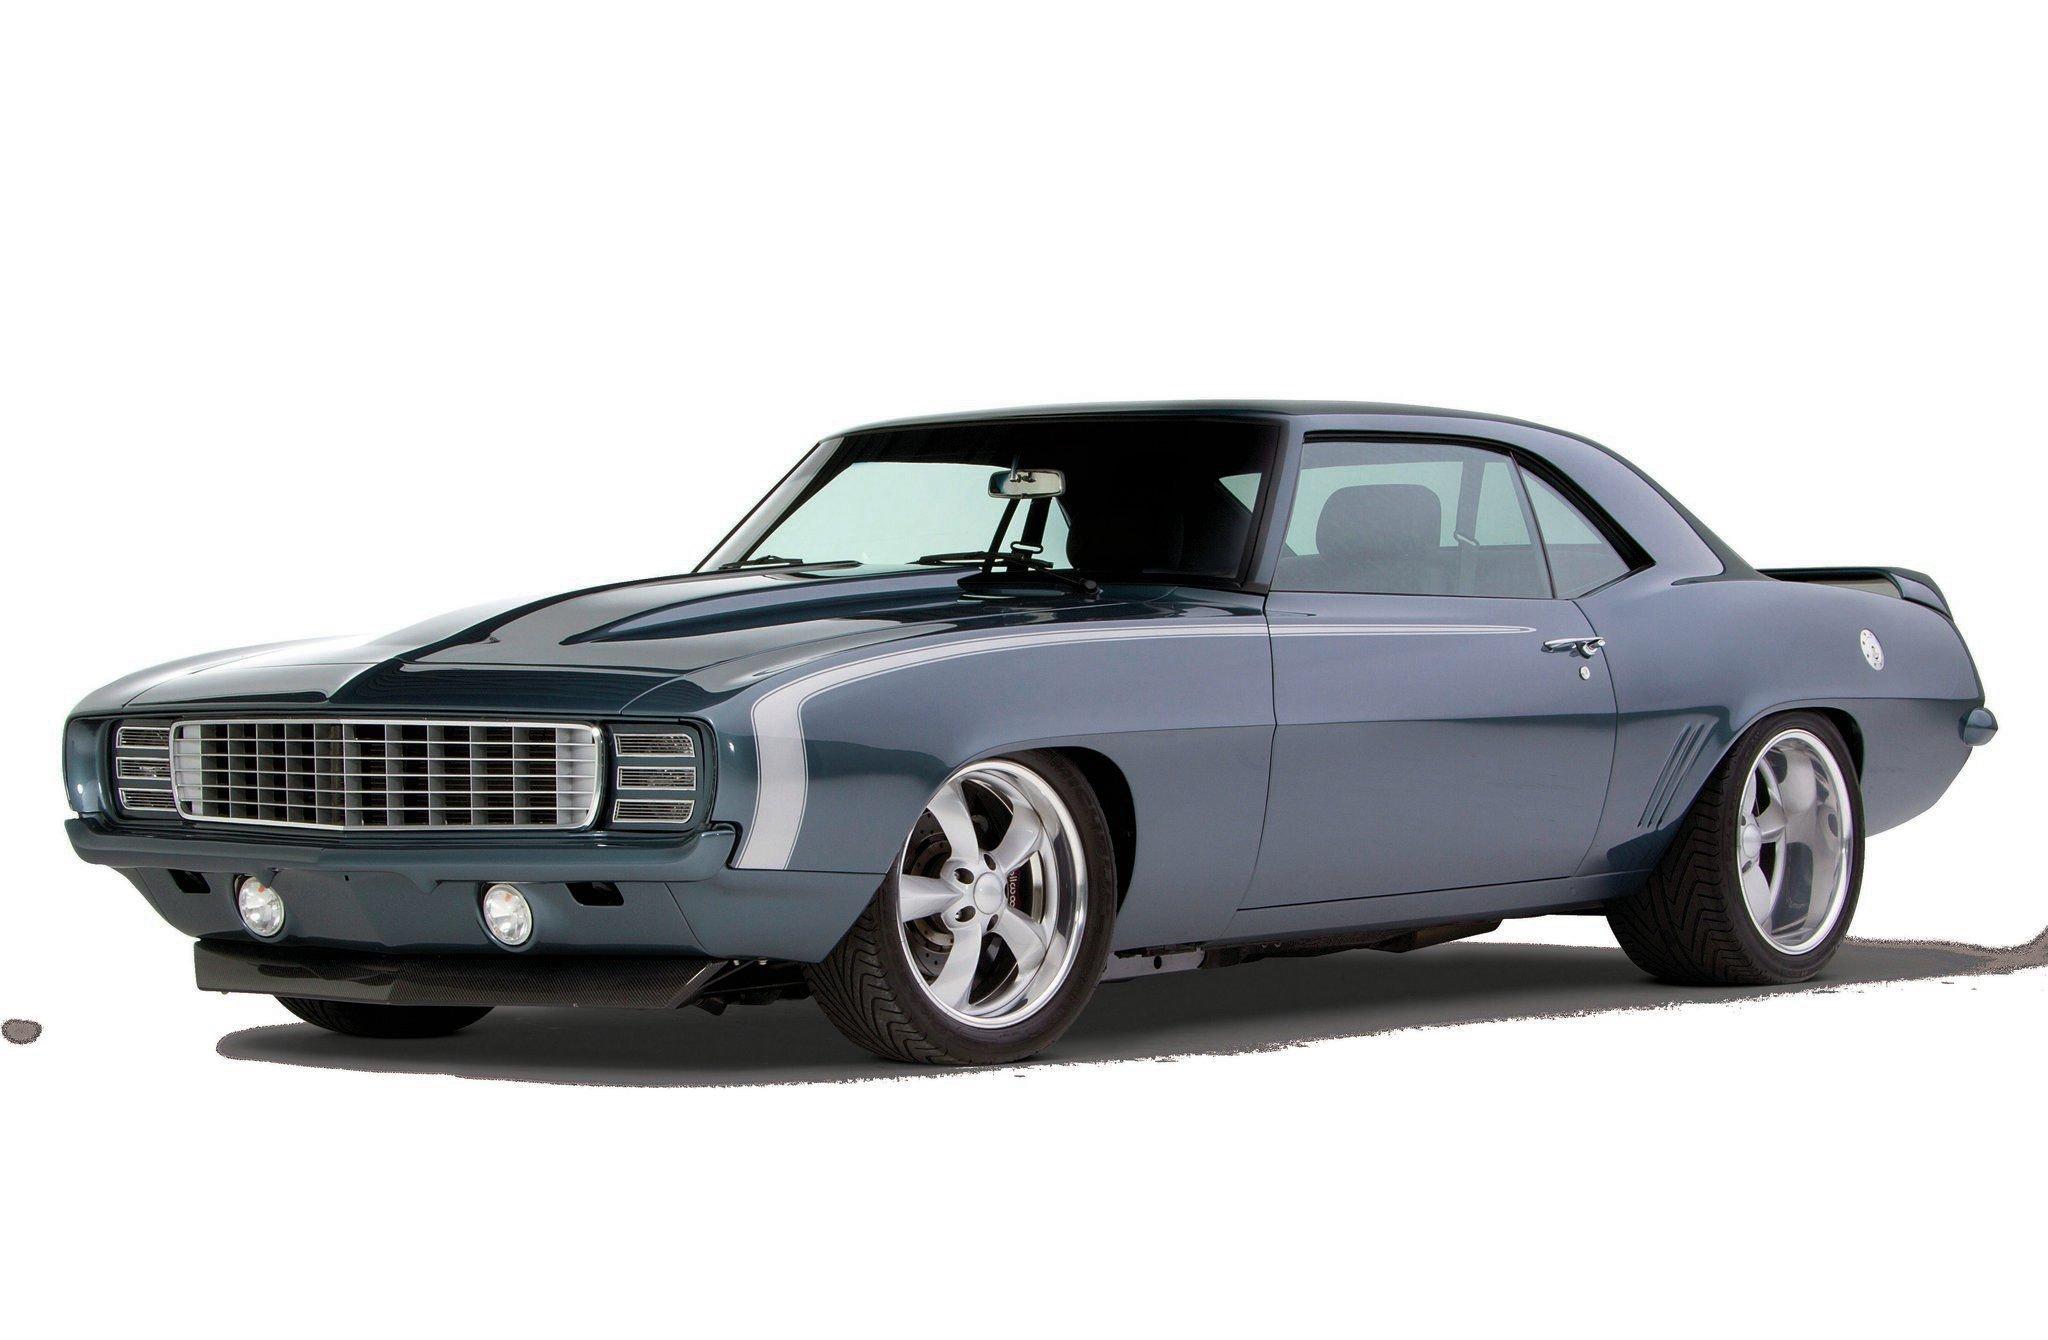 1969 Chevrolet Camaro Hot-02 wallpaper